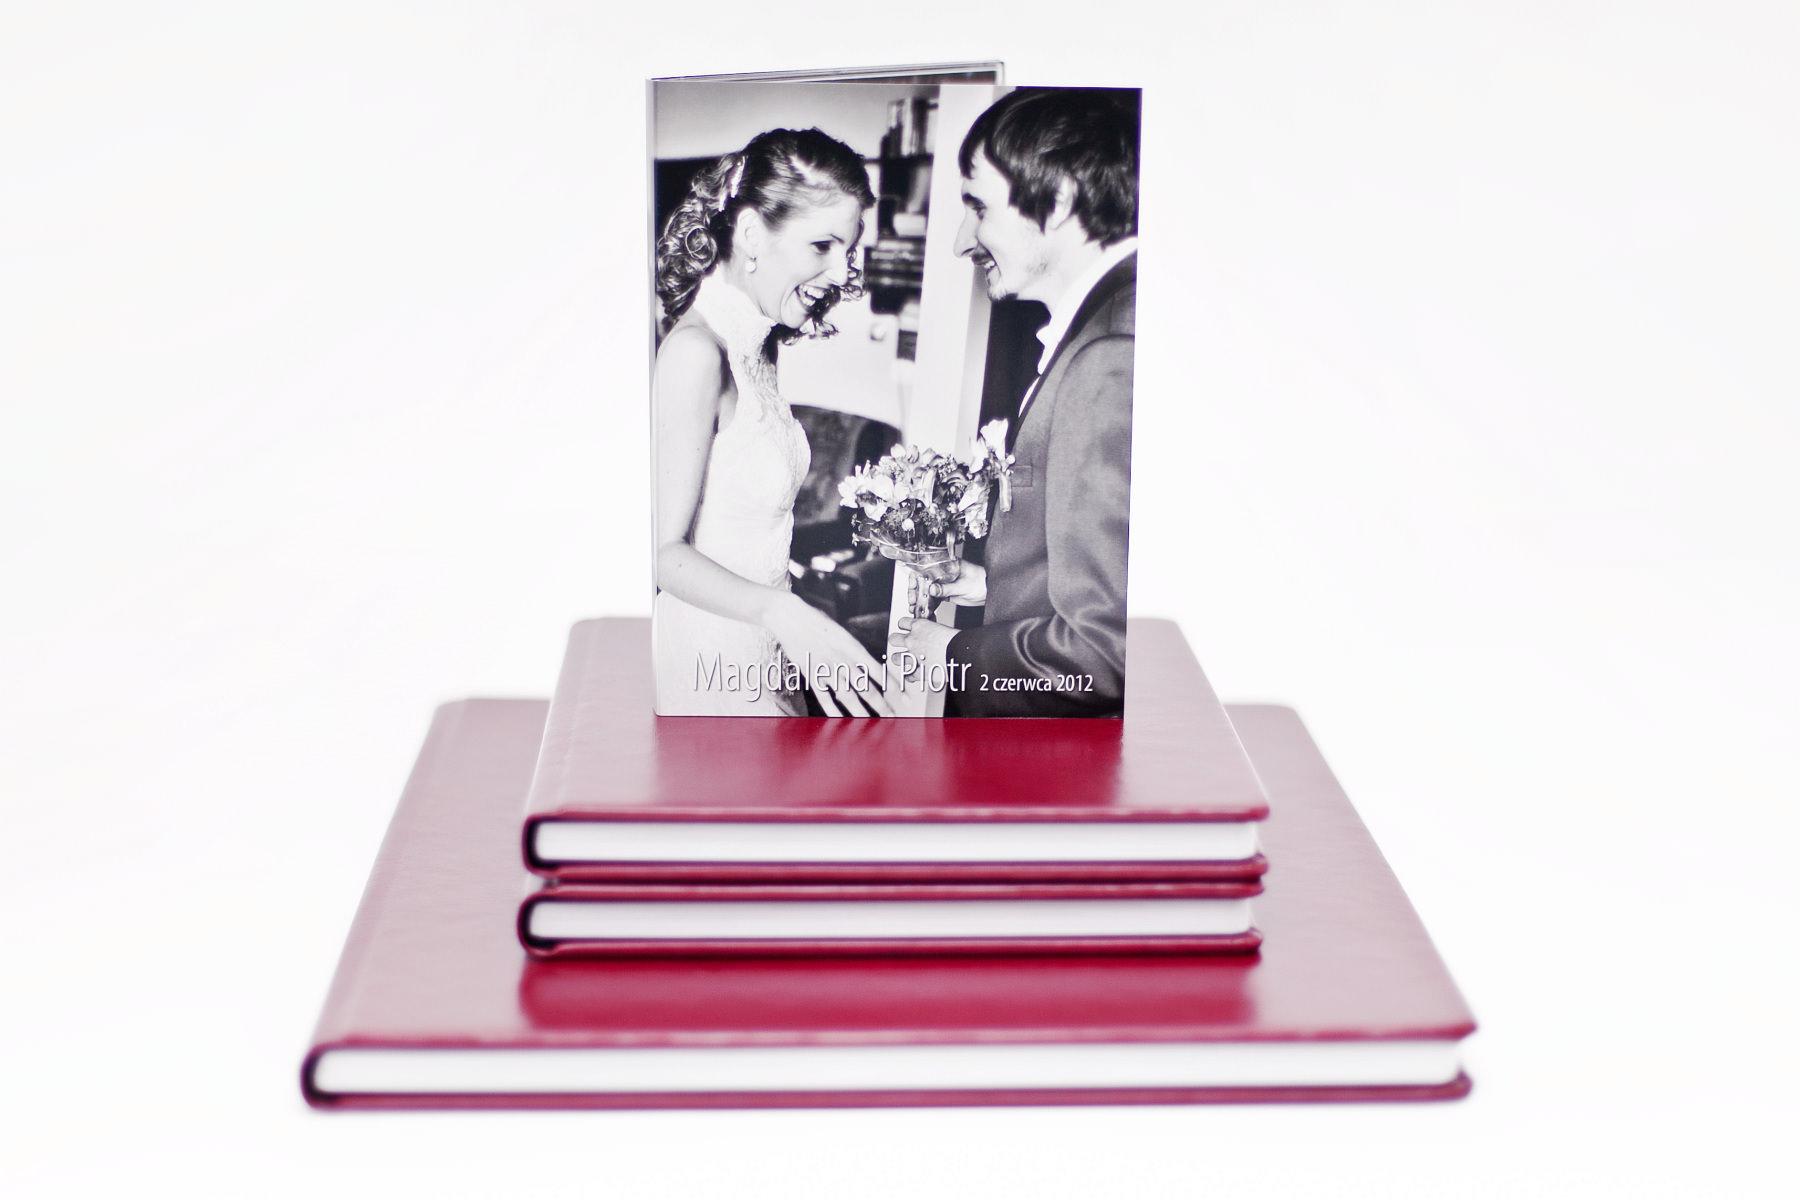 Ekskluzywny fotoalbum, pakiet 1+2 (30x30cm + 2x 20x20cm), etui na dvd, dvd nadruk. Magdalena i Piotr.